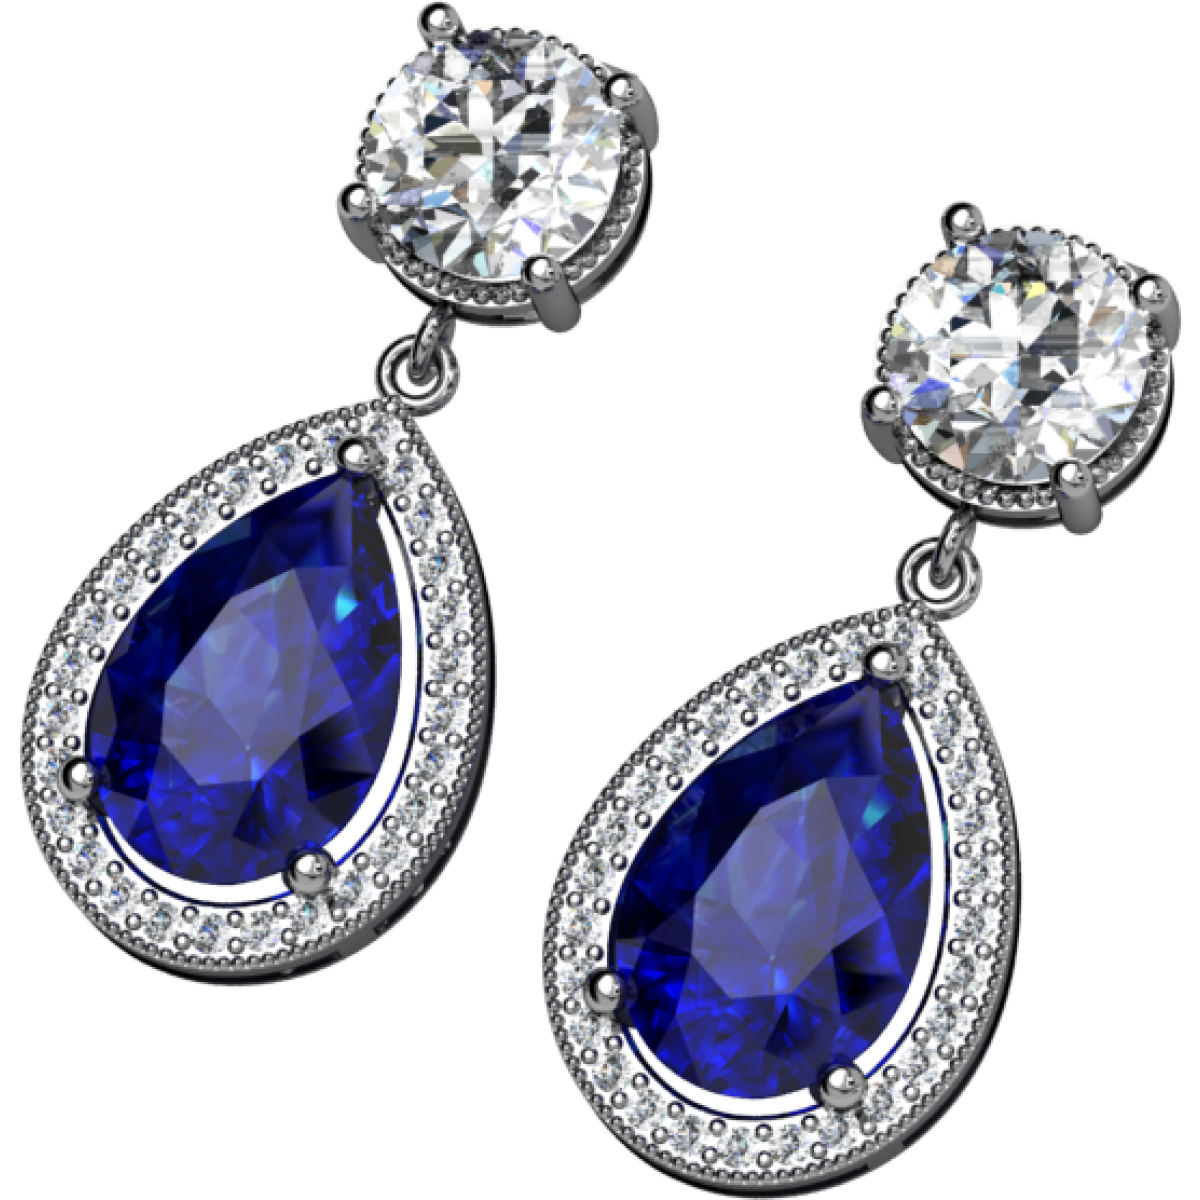 Gifs y fondos pazenlatormenta im genes de joyas de mujer pendientes o aretes - Fotos de pendientes ...